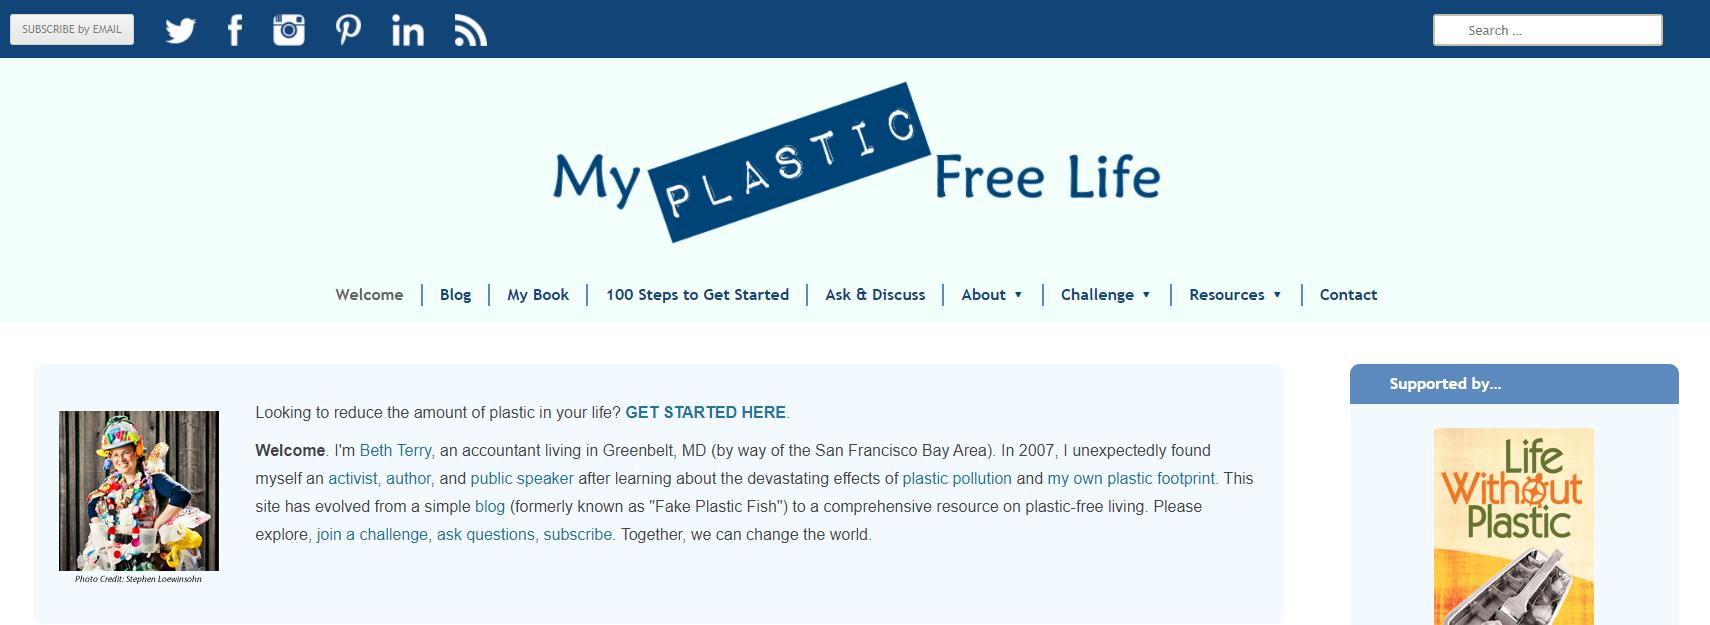 myplasticfreelife